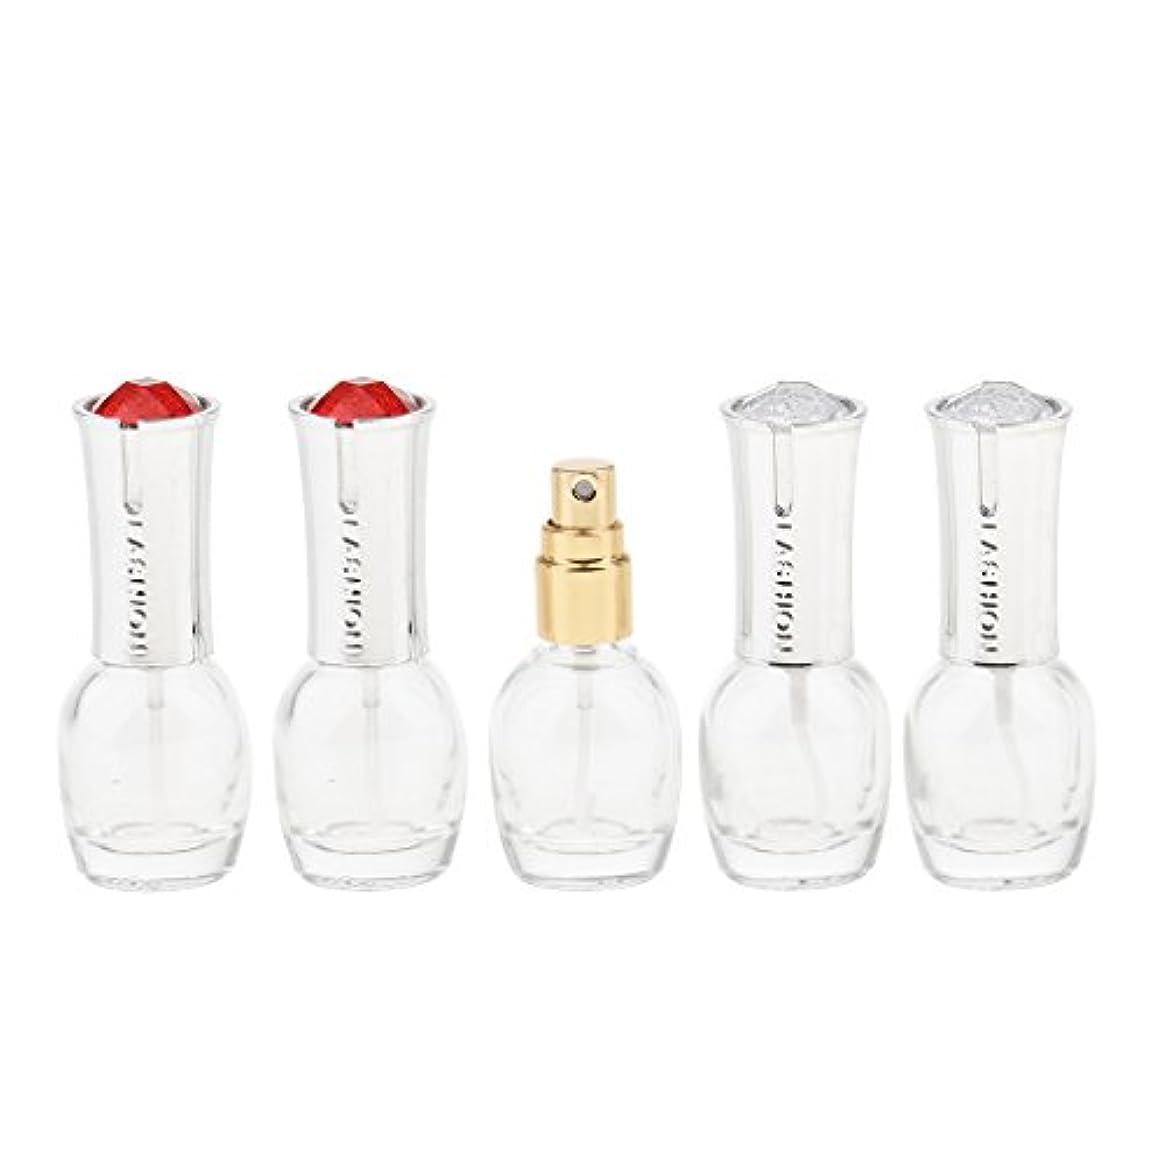 コイン識別するバルセロナKesoto 5個 ガラス 香水ボトル 空のガラスエッセンシャル オイル 香水 アトマイザー スプレーボトル 10ml 旅行